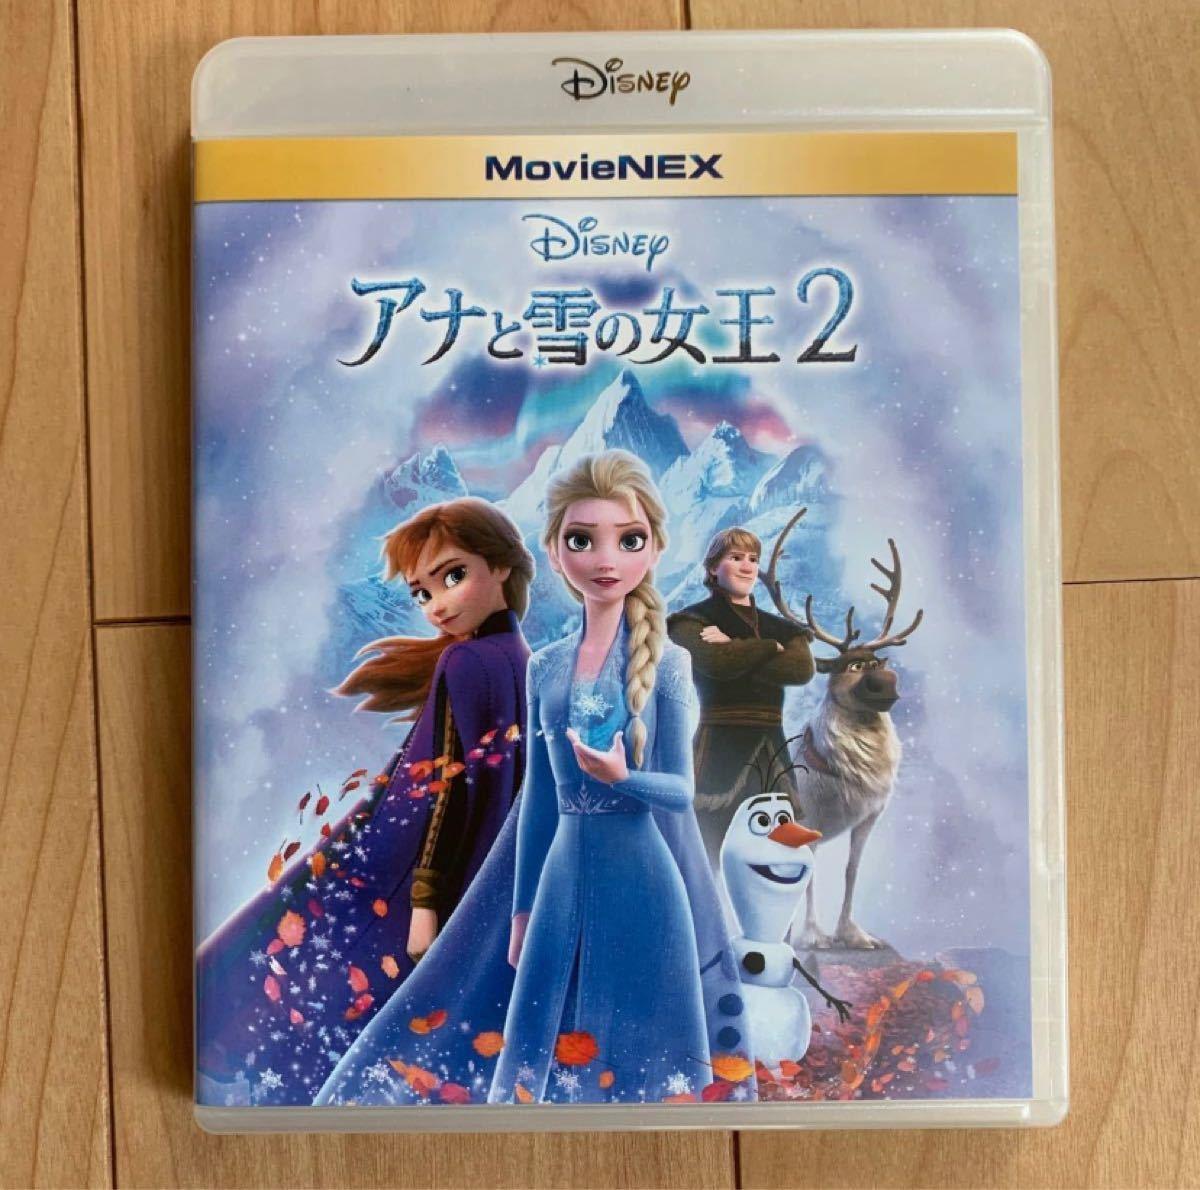 アナと雪の女王2 ブルーレイ+純正ケース【国内正規版】新品未再生 MovieNEX ディズニー Blu-ray